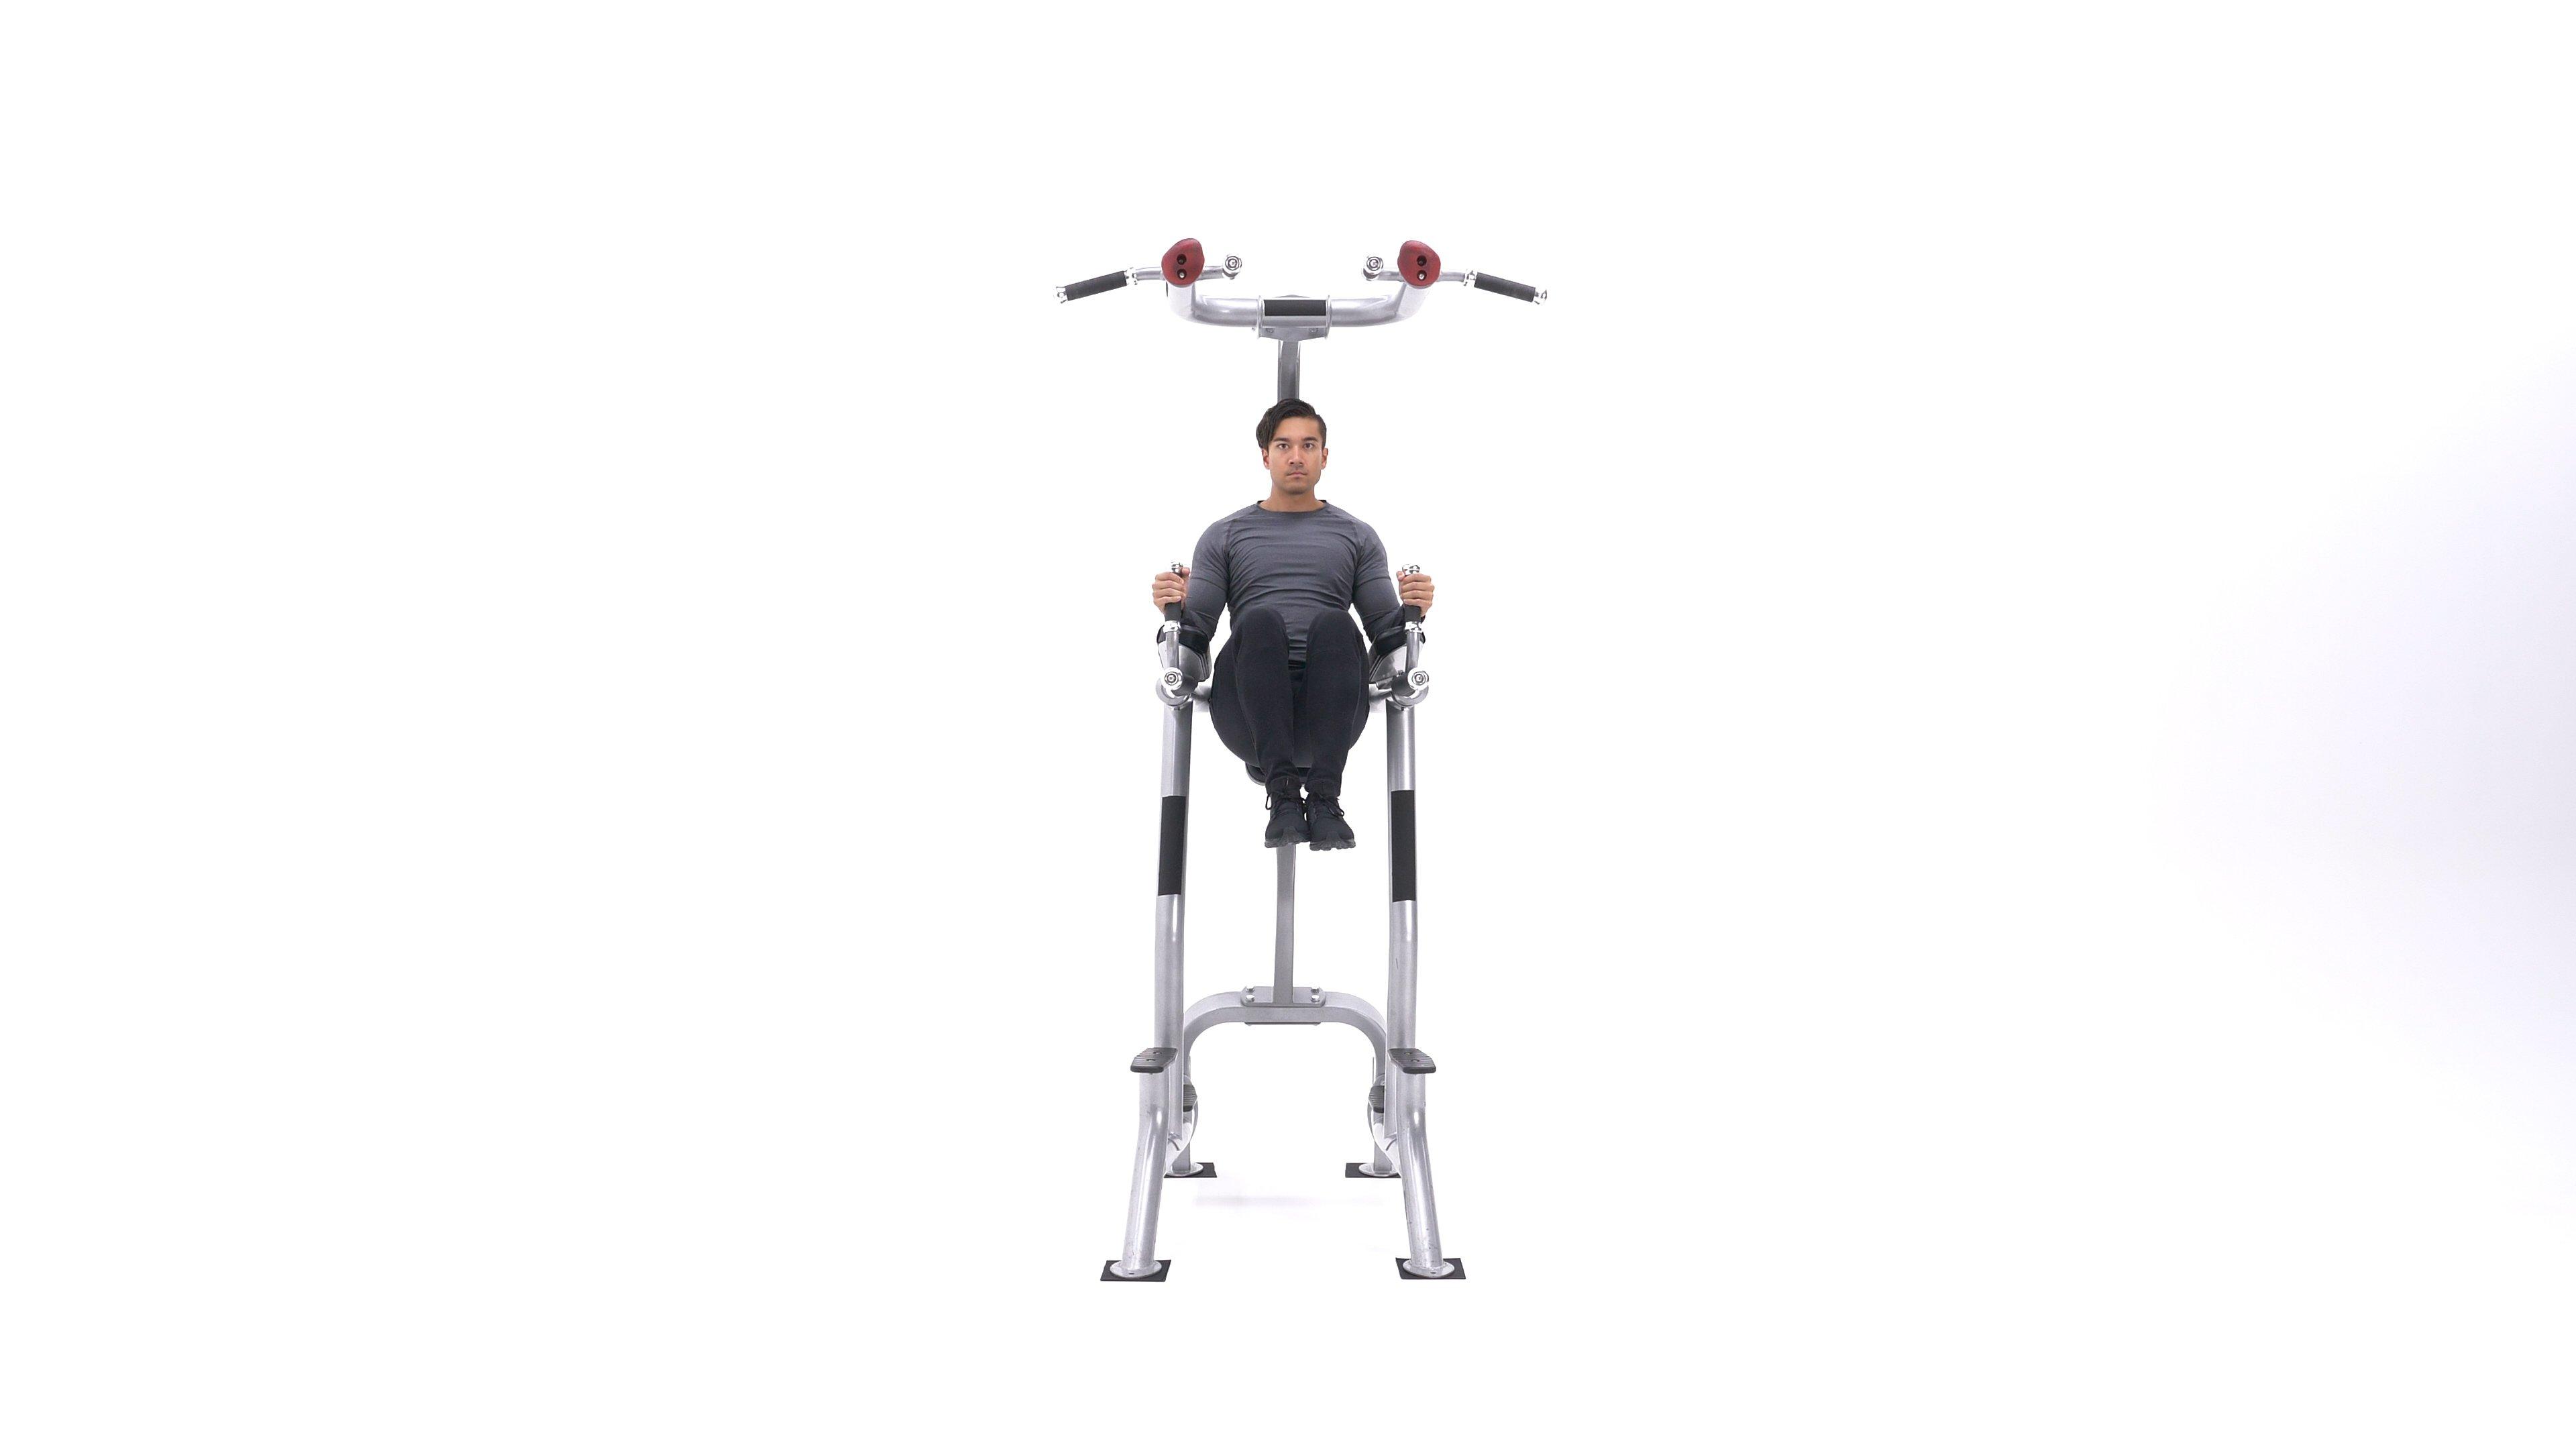 Captain's chair knee raise image